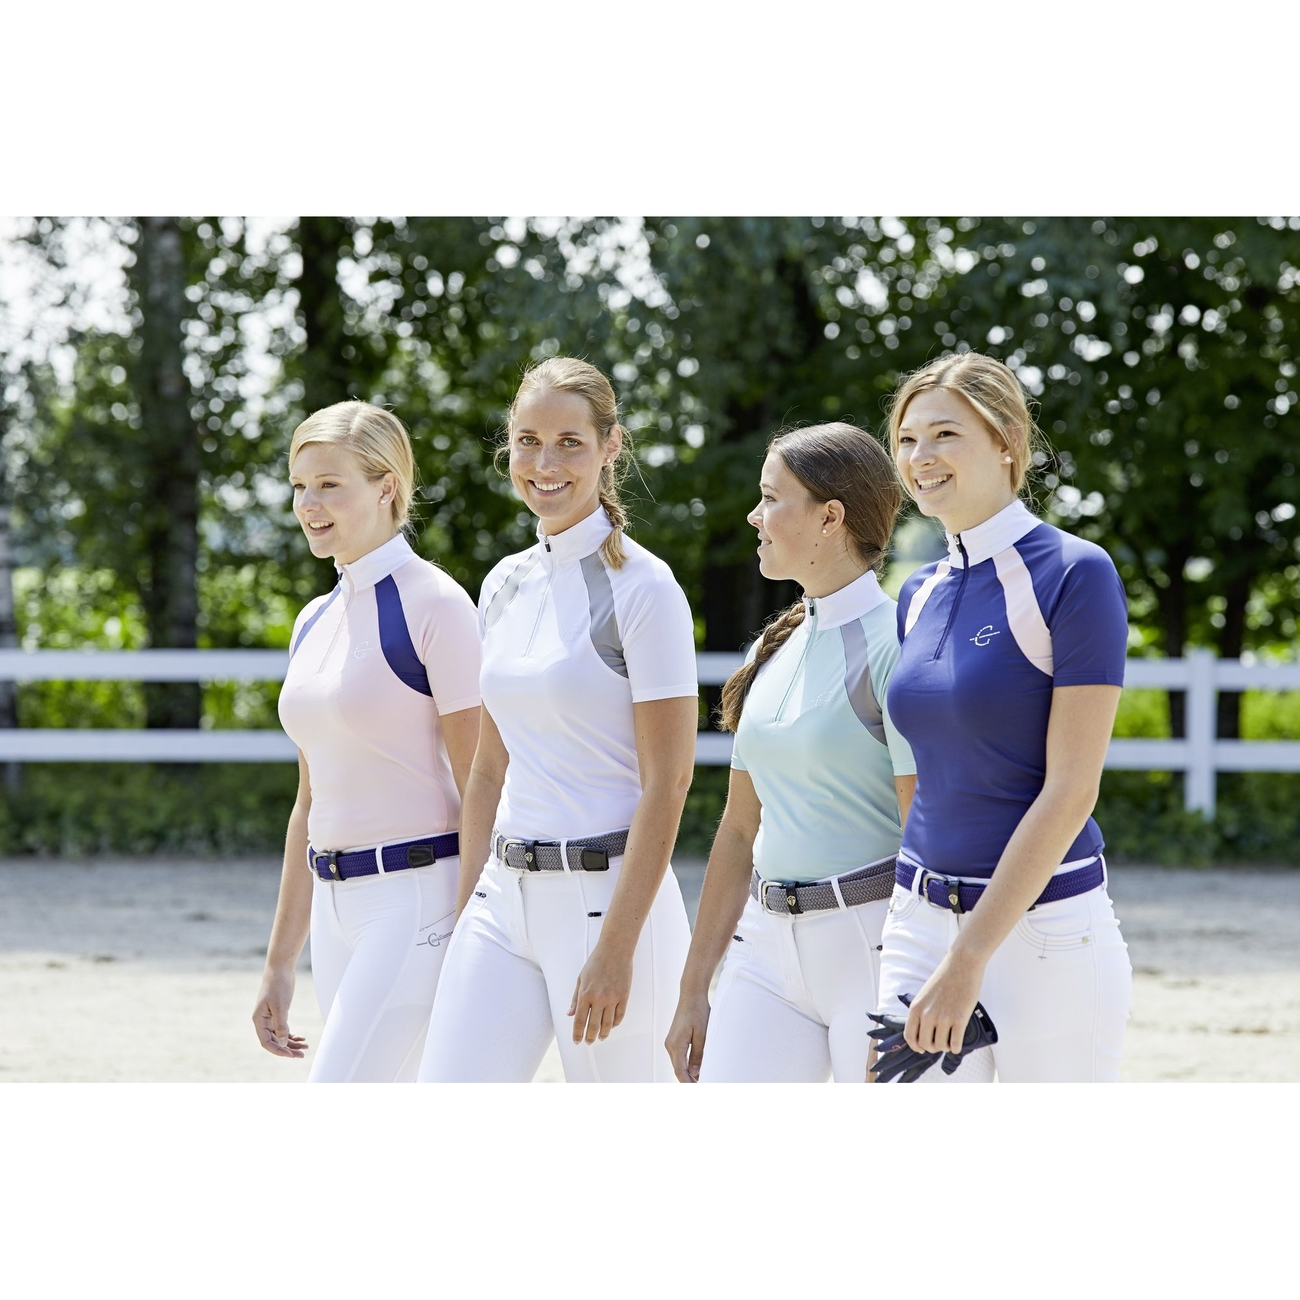 Covalliero Competition Shirt Lani für Kinder und Damen, Bild 2